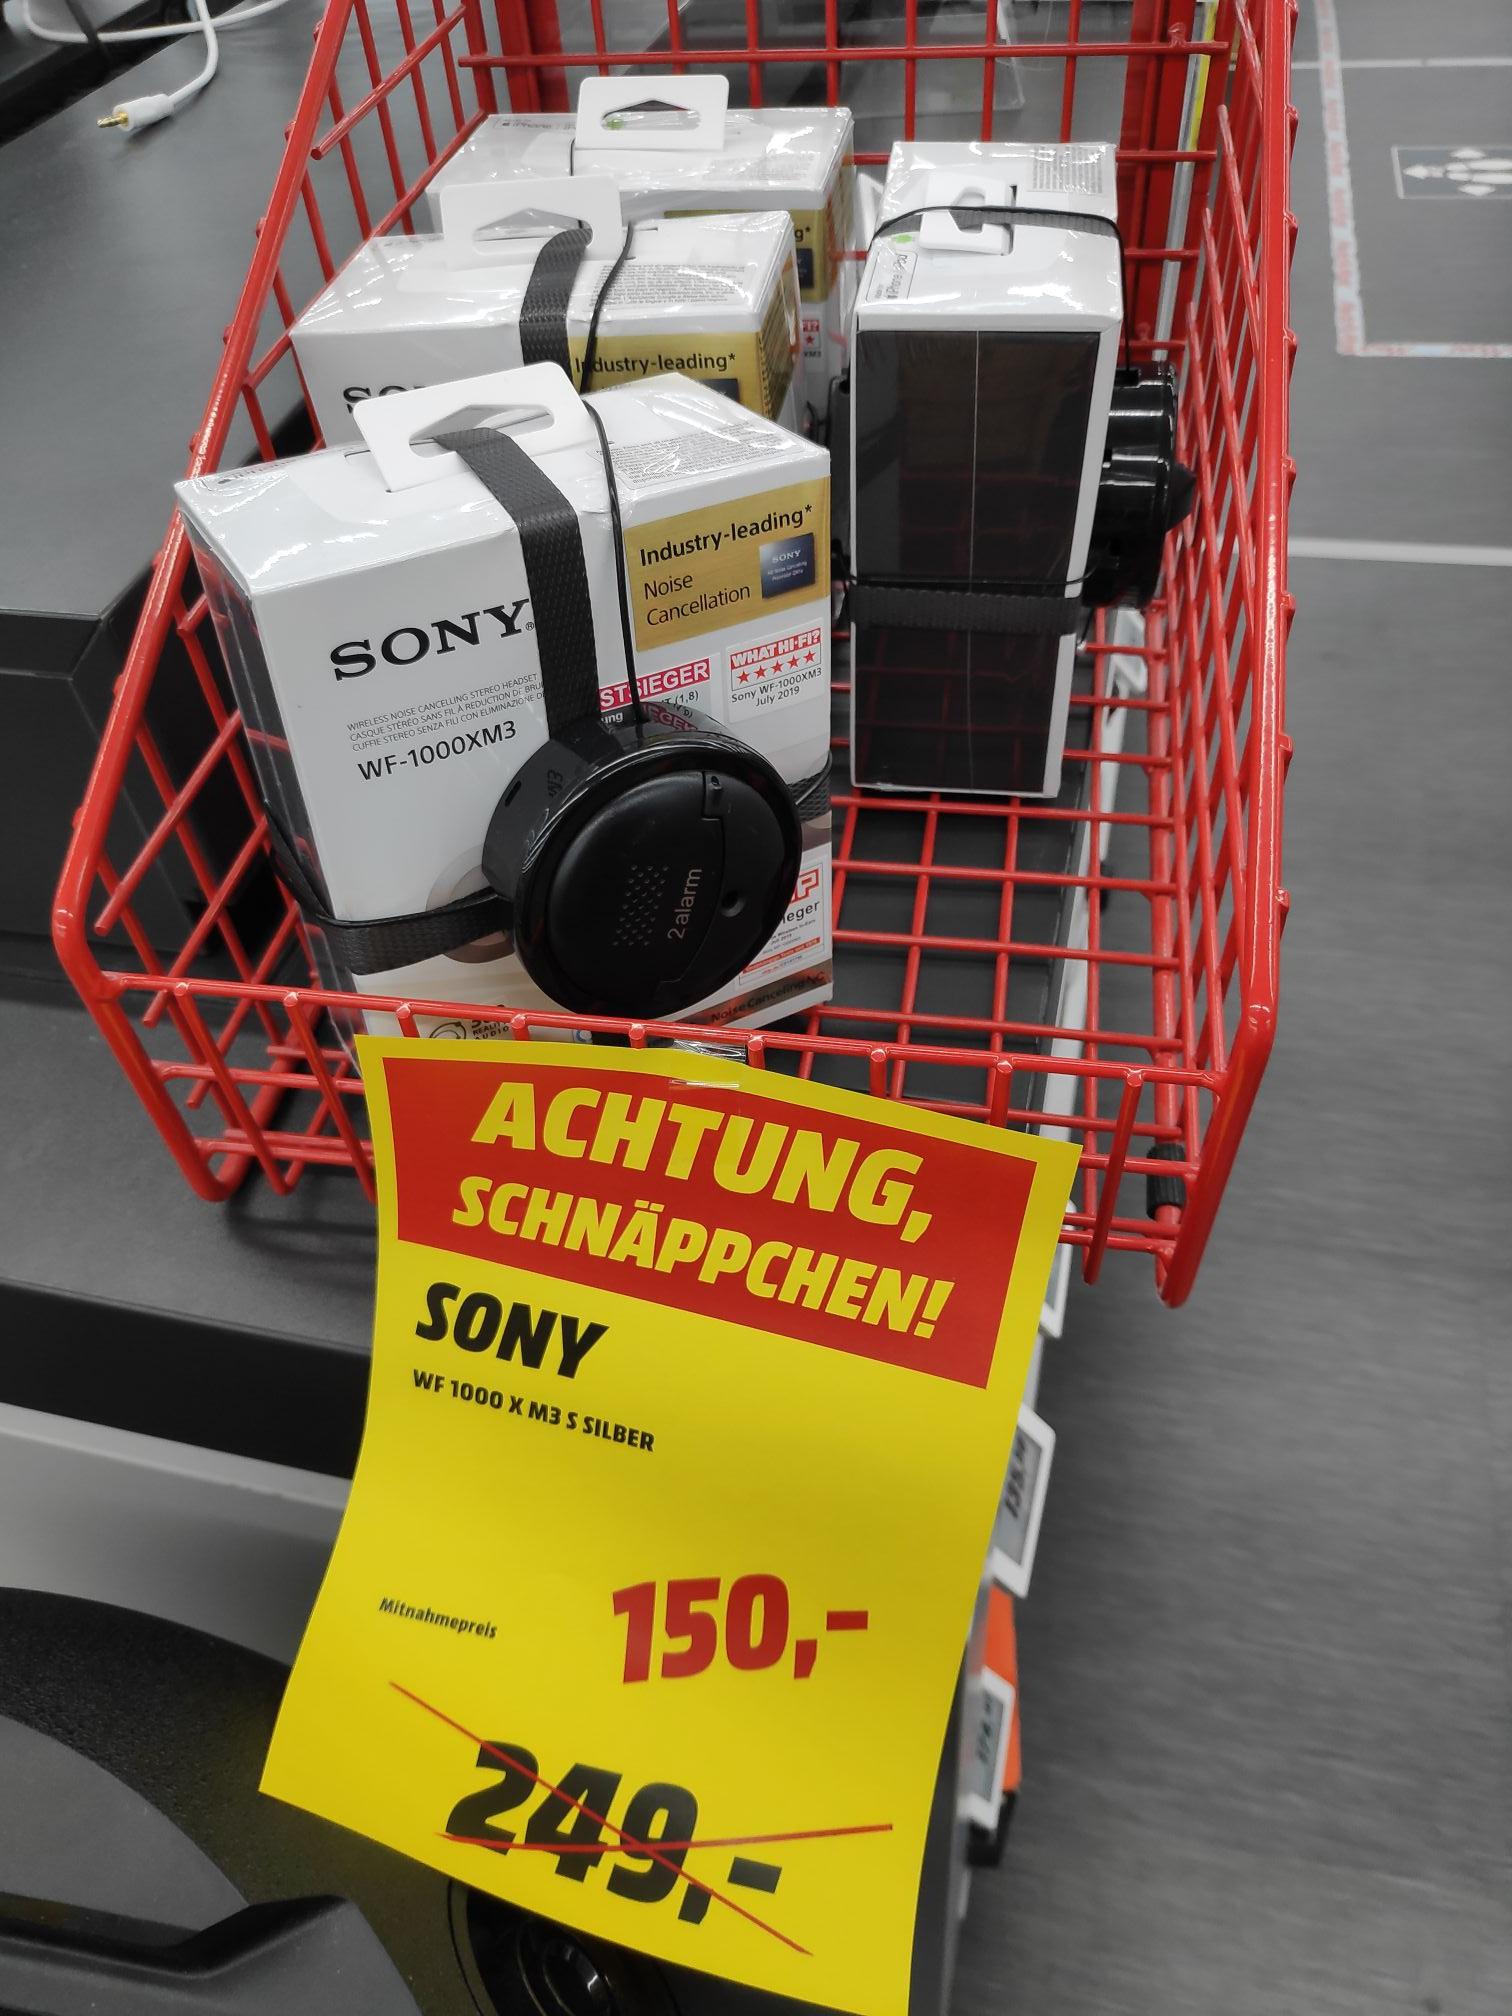 Sony WF-1000XM3 und WH-1000XM3 Mediamarkt Schweinfurt (Lokal)